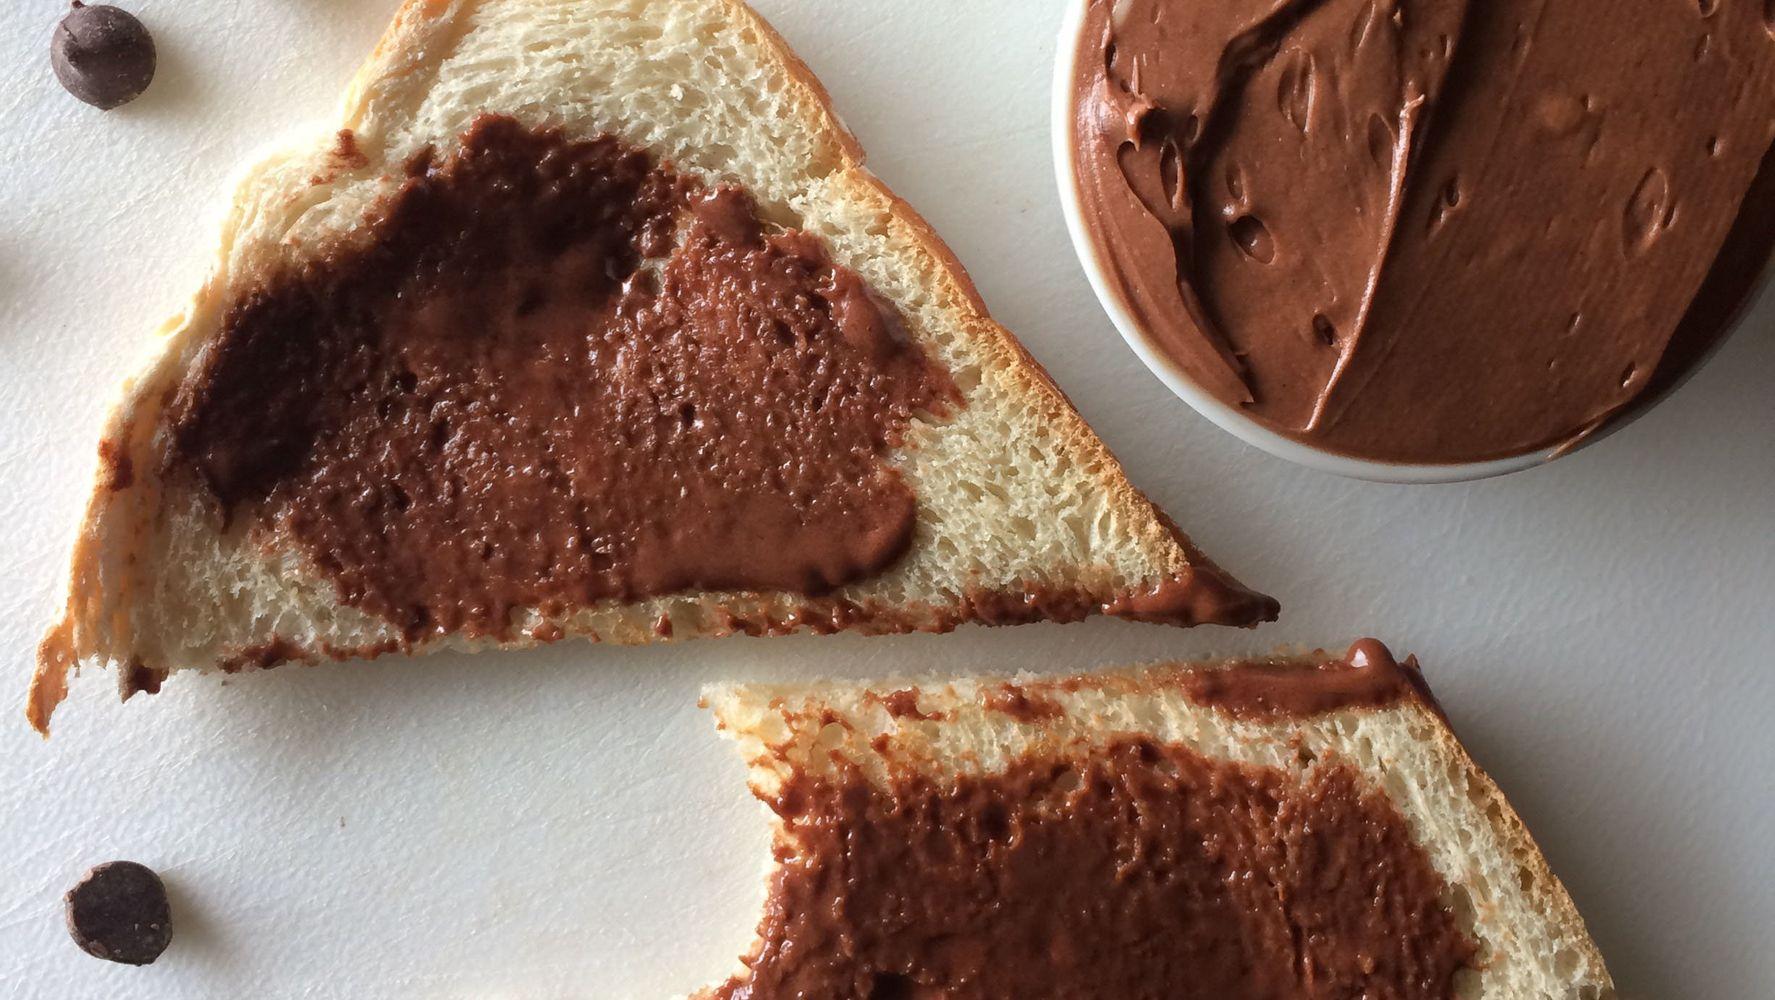 Фото shokoladnoe maslo na hlebe.